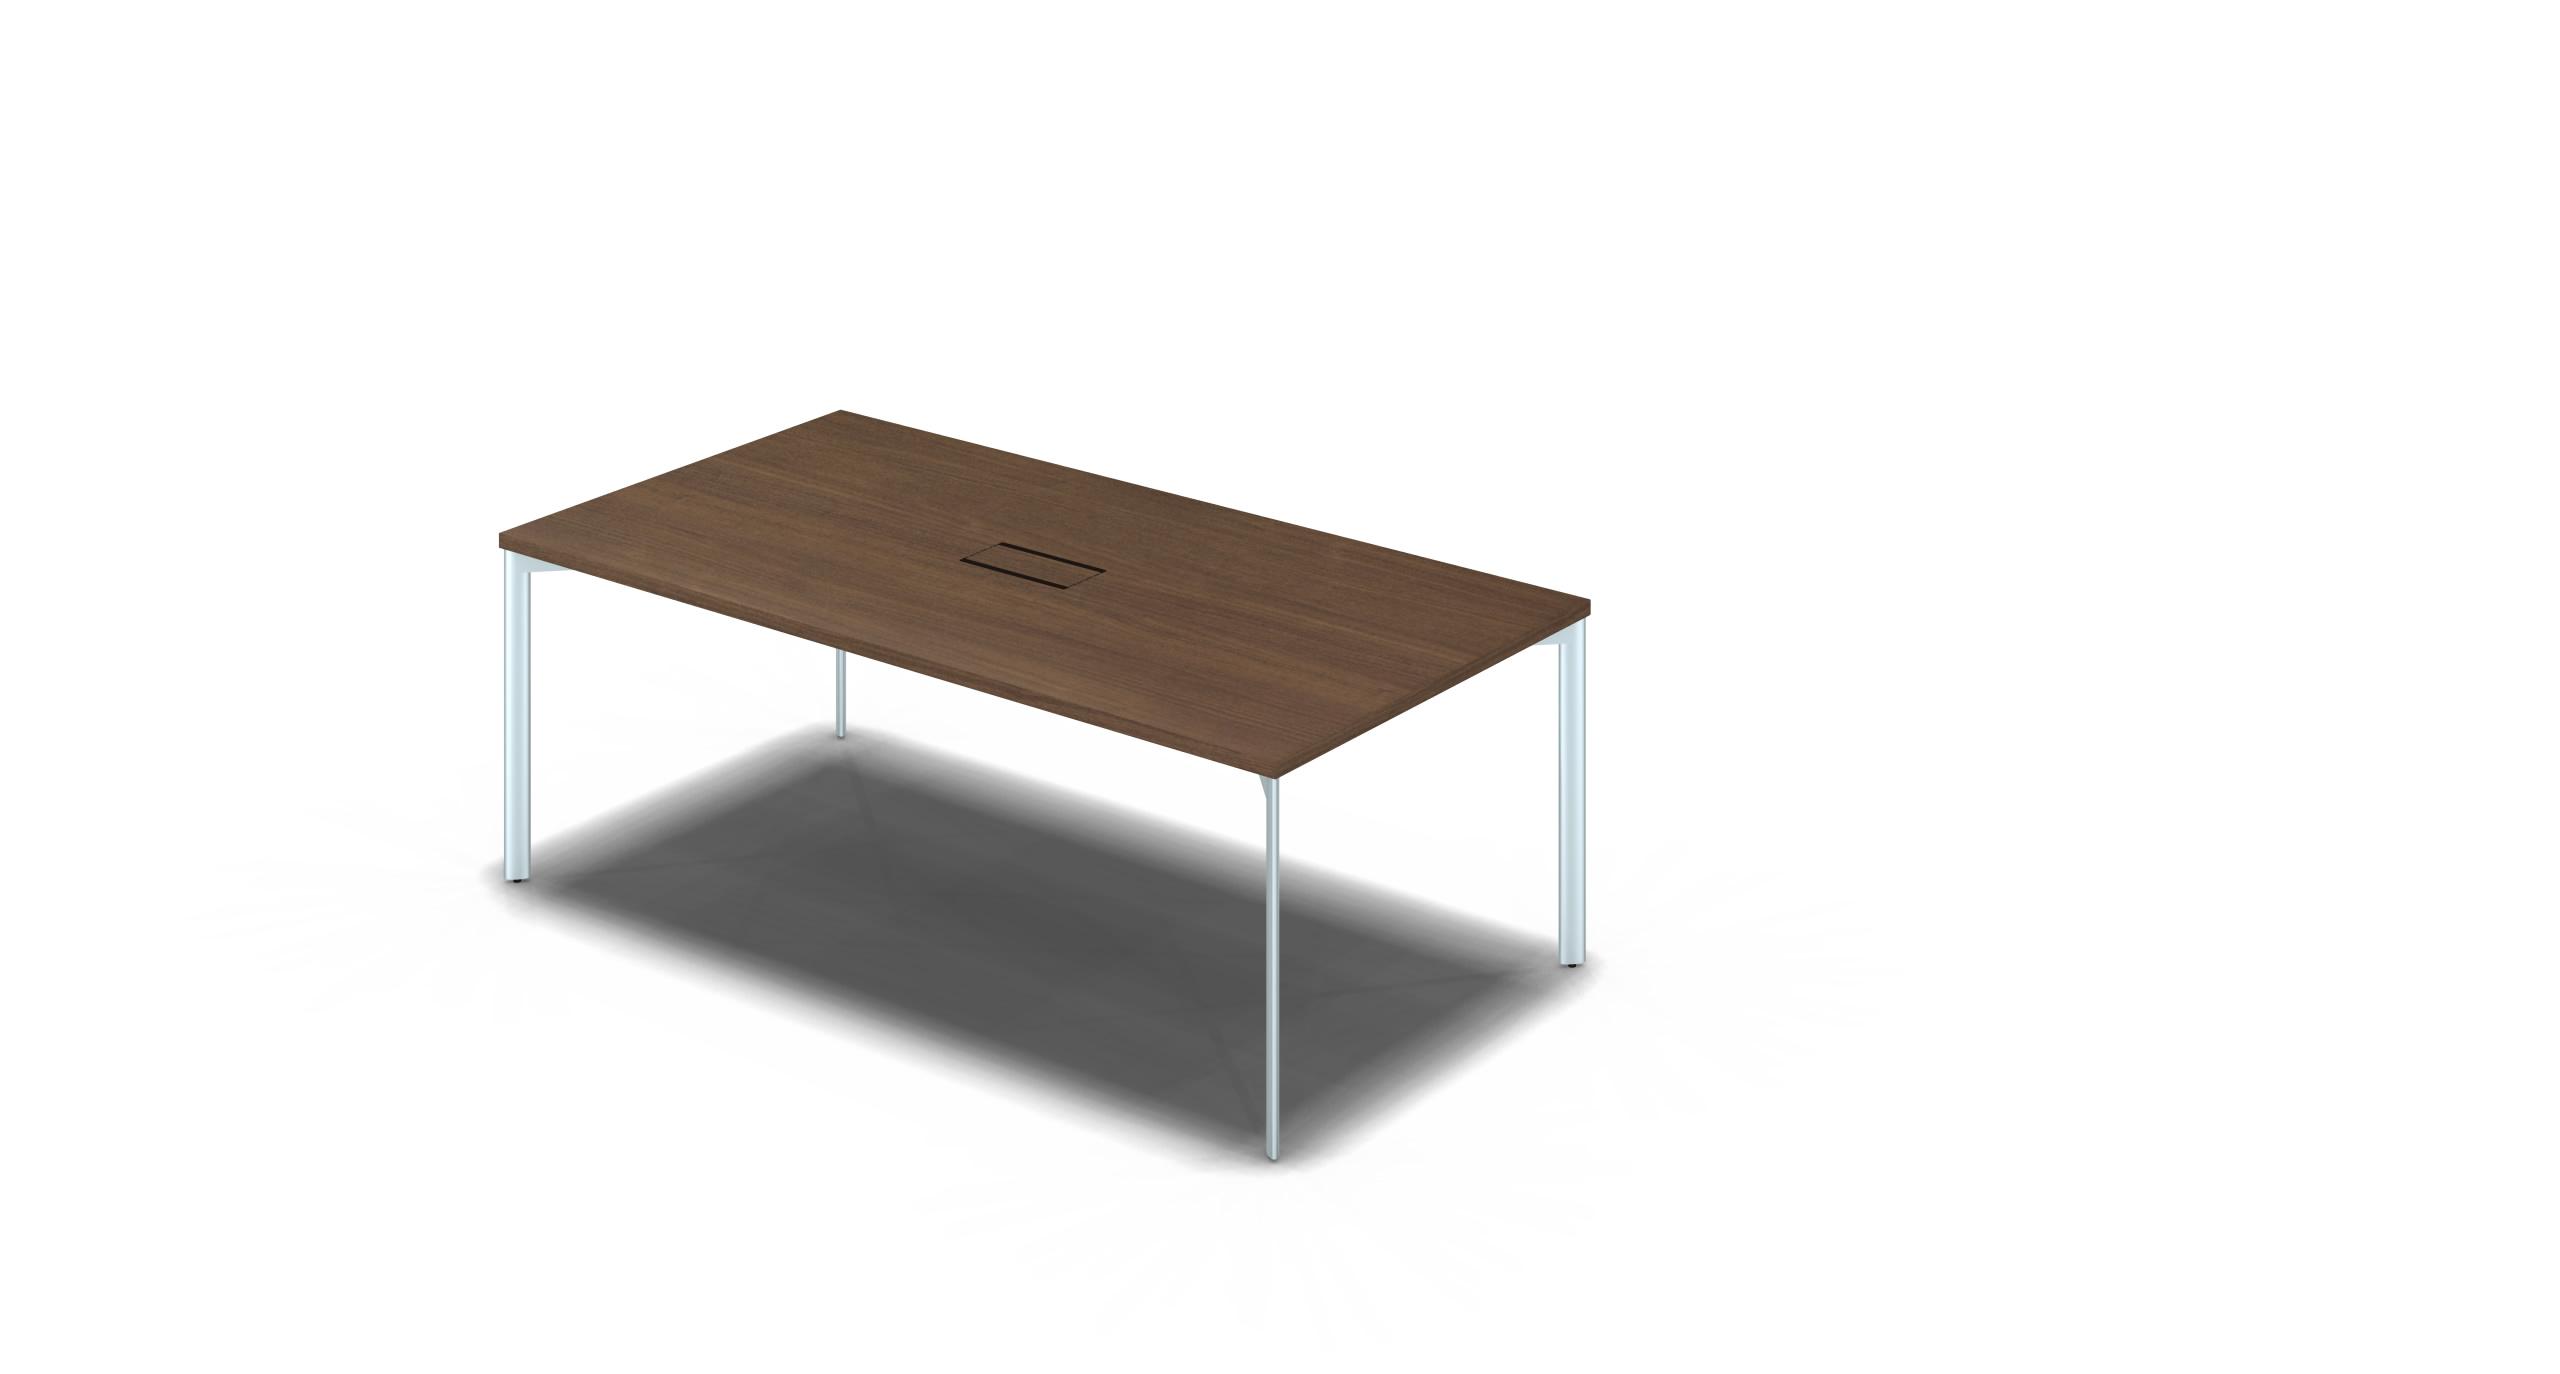 Table_Slim_1800x900_Silver_Walnut_withOption